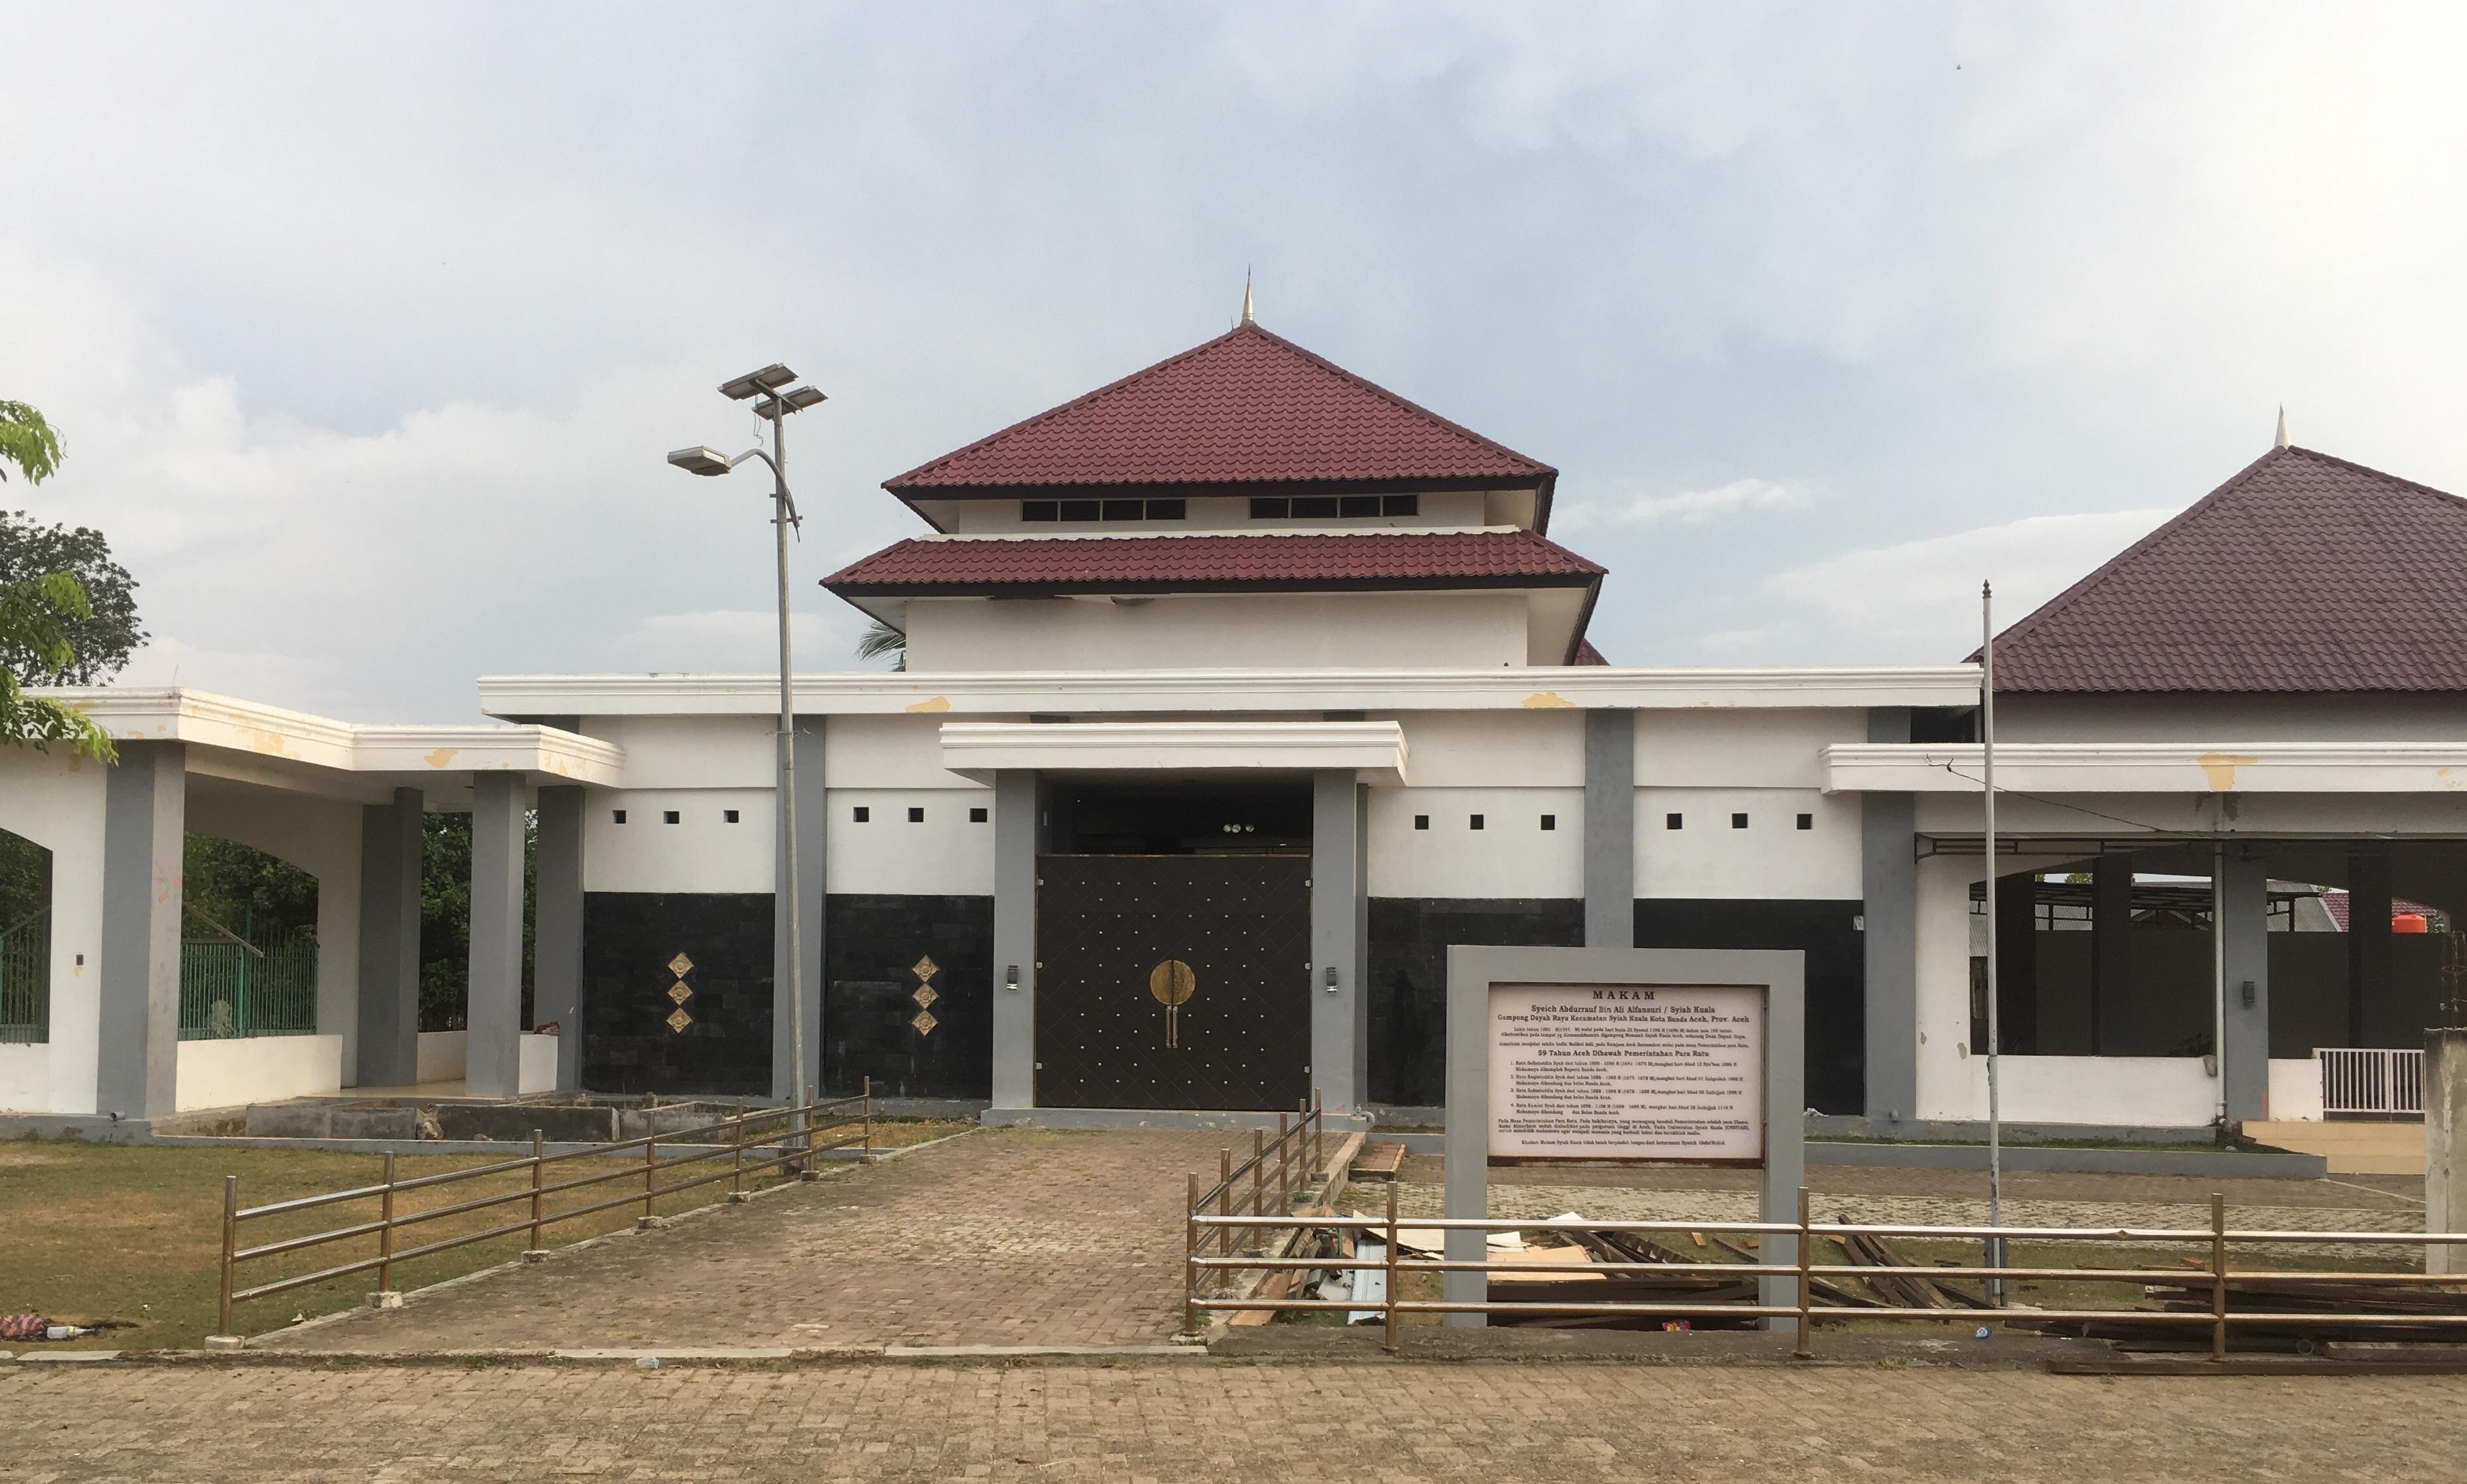 Pilgrimage Syiah Kuala Tomb Bilingual Steemit 321732b7 D15b 487b B73f